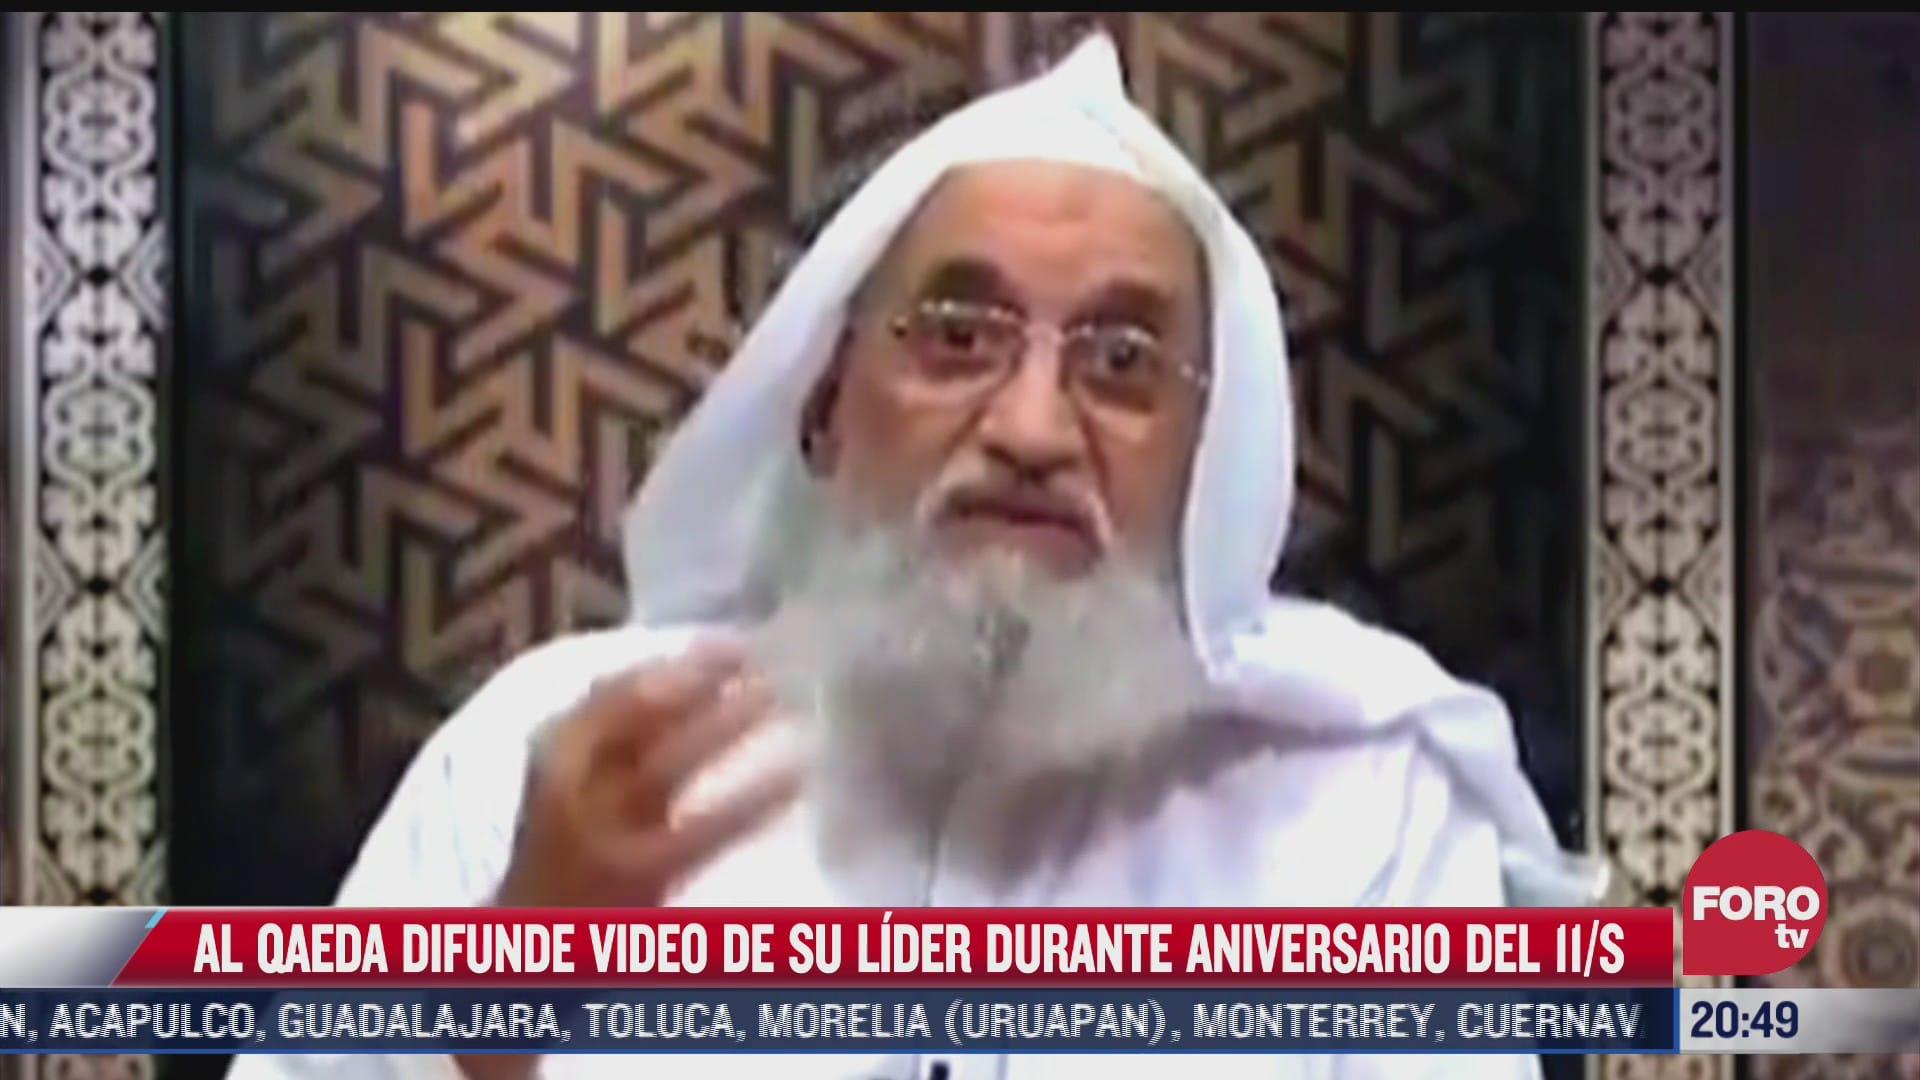 al qaeda difunde video de su lider durante aniversario del 11 s